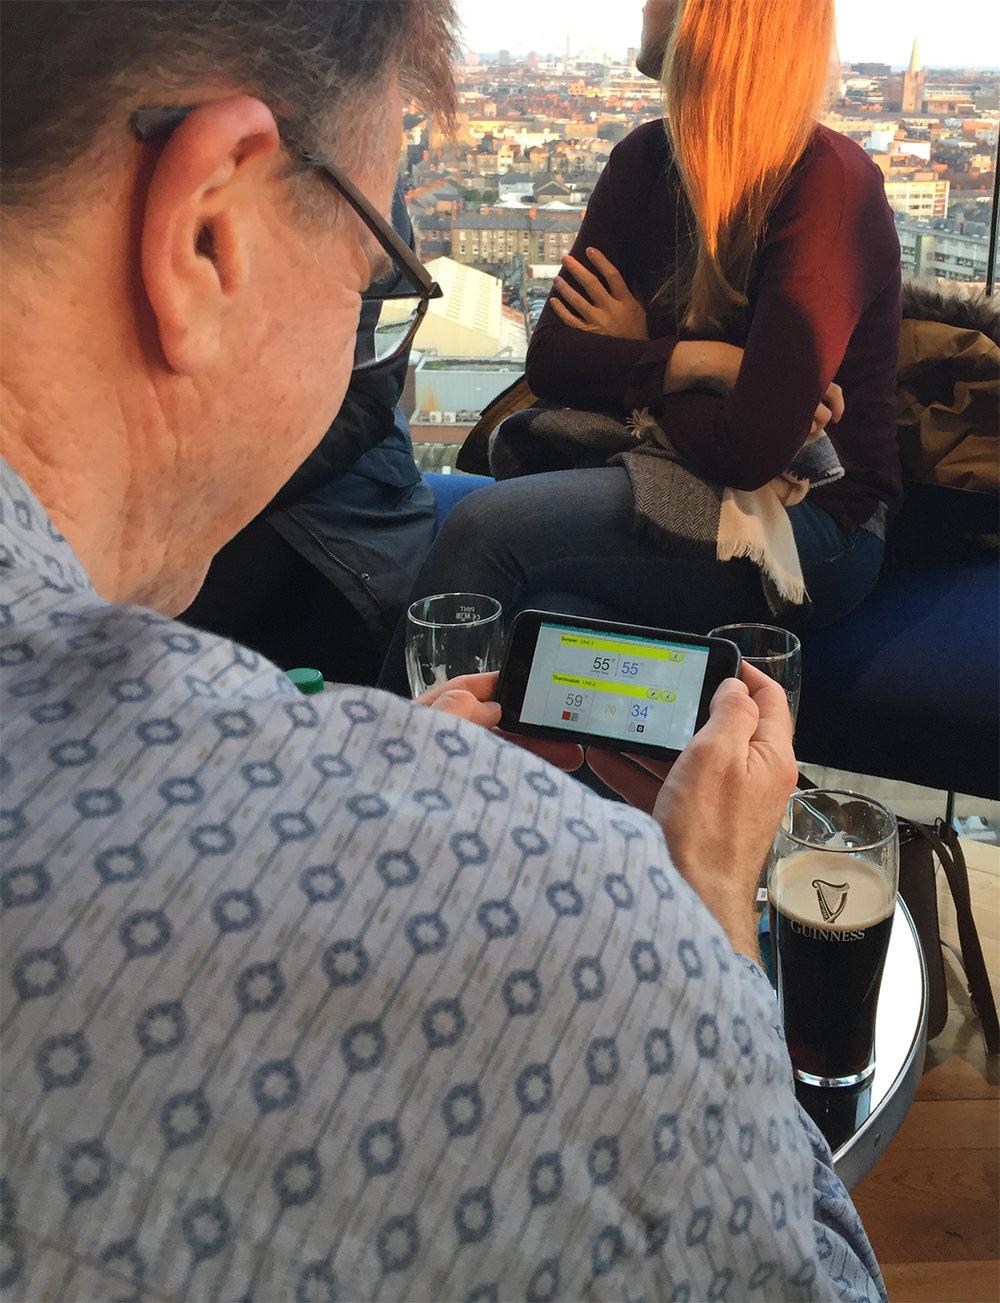 Rober Cooper Receiving Alert from Embue Super App